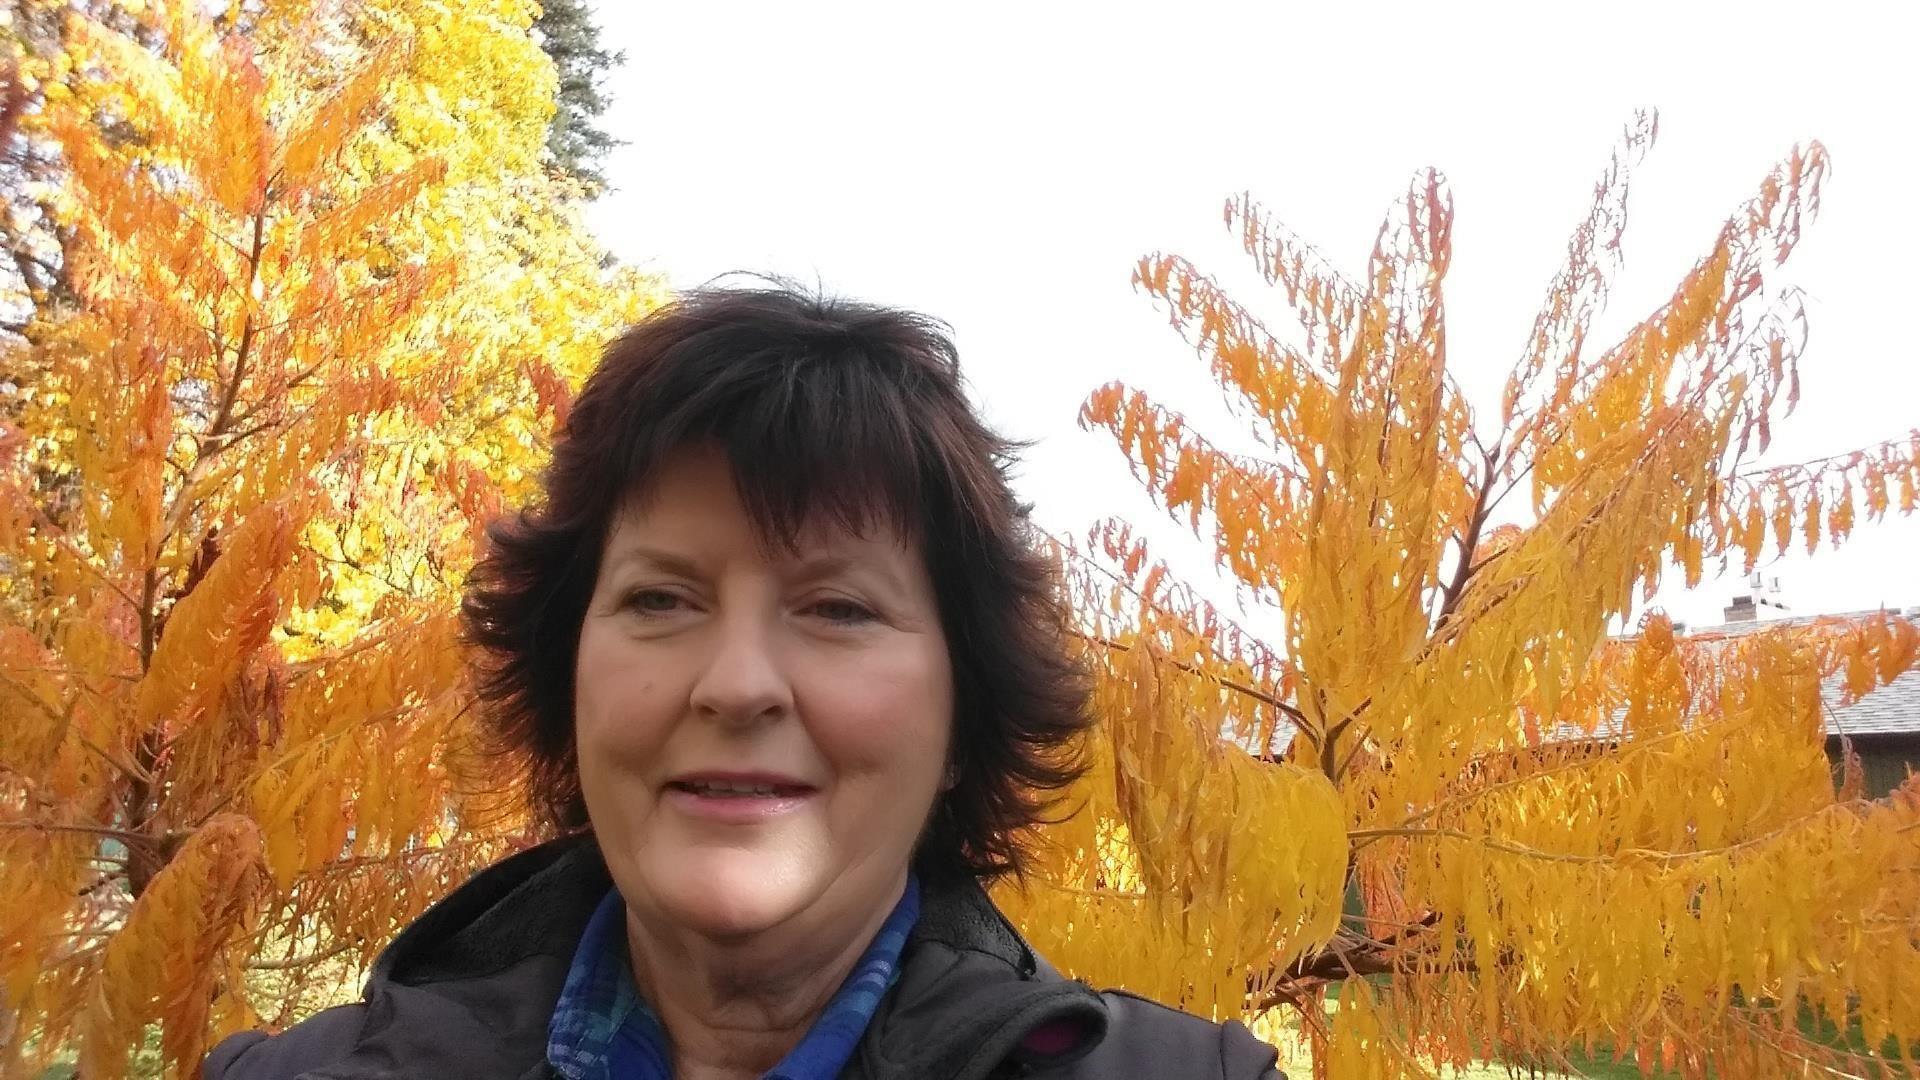 Senior dating in Spokane (WA)